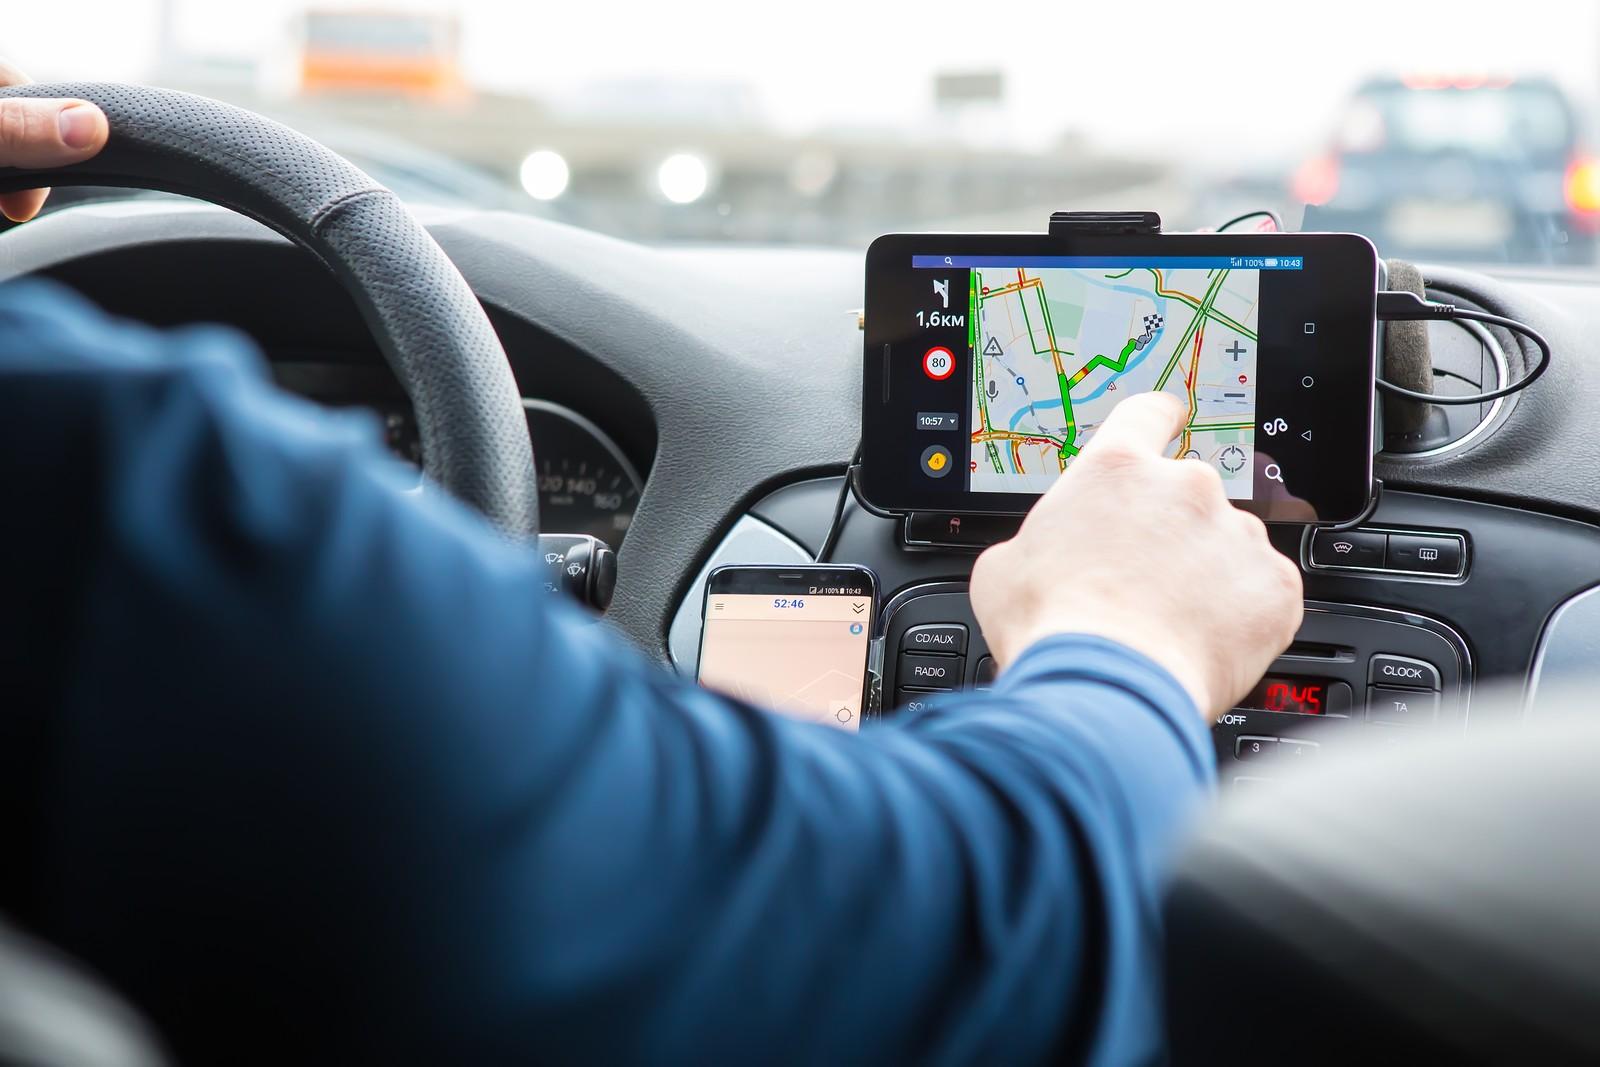 Fehlende Daten im Fahrtenbuch muss der Fahrer zeitnah ergänzen.